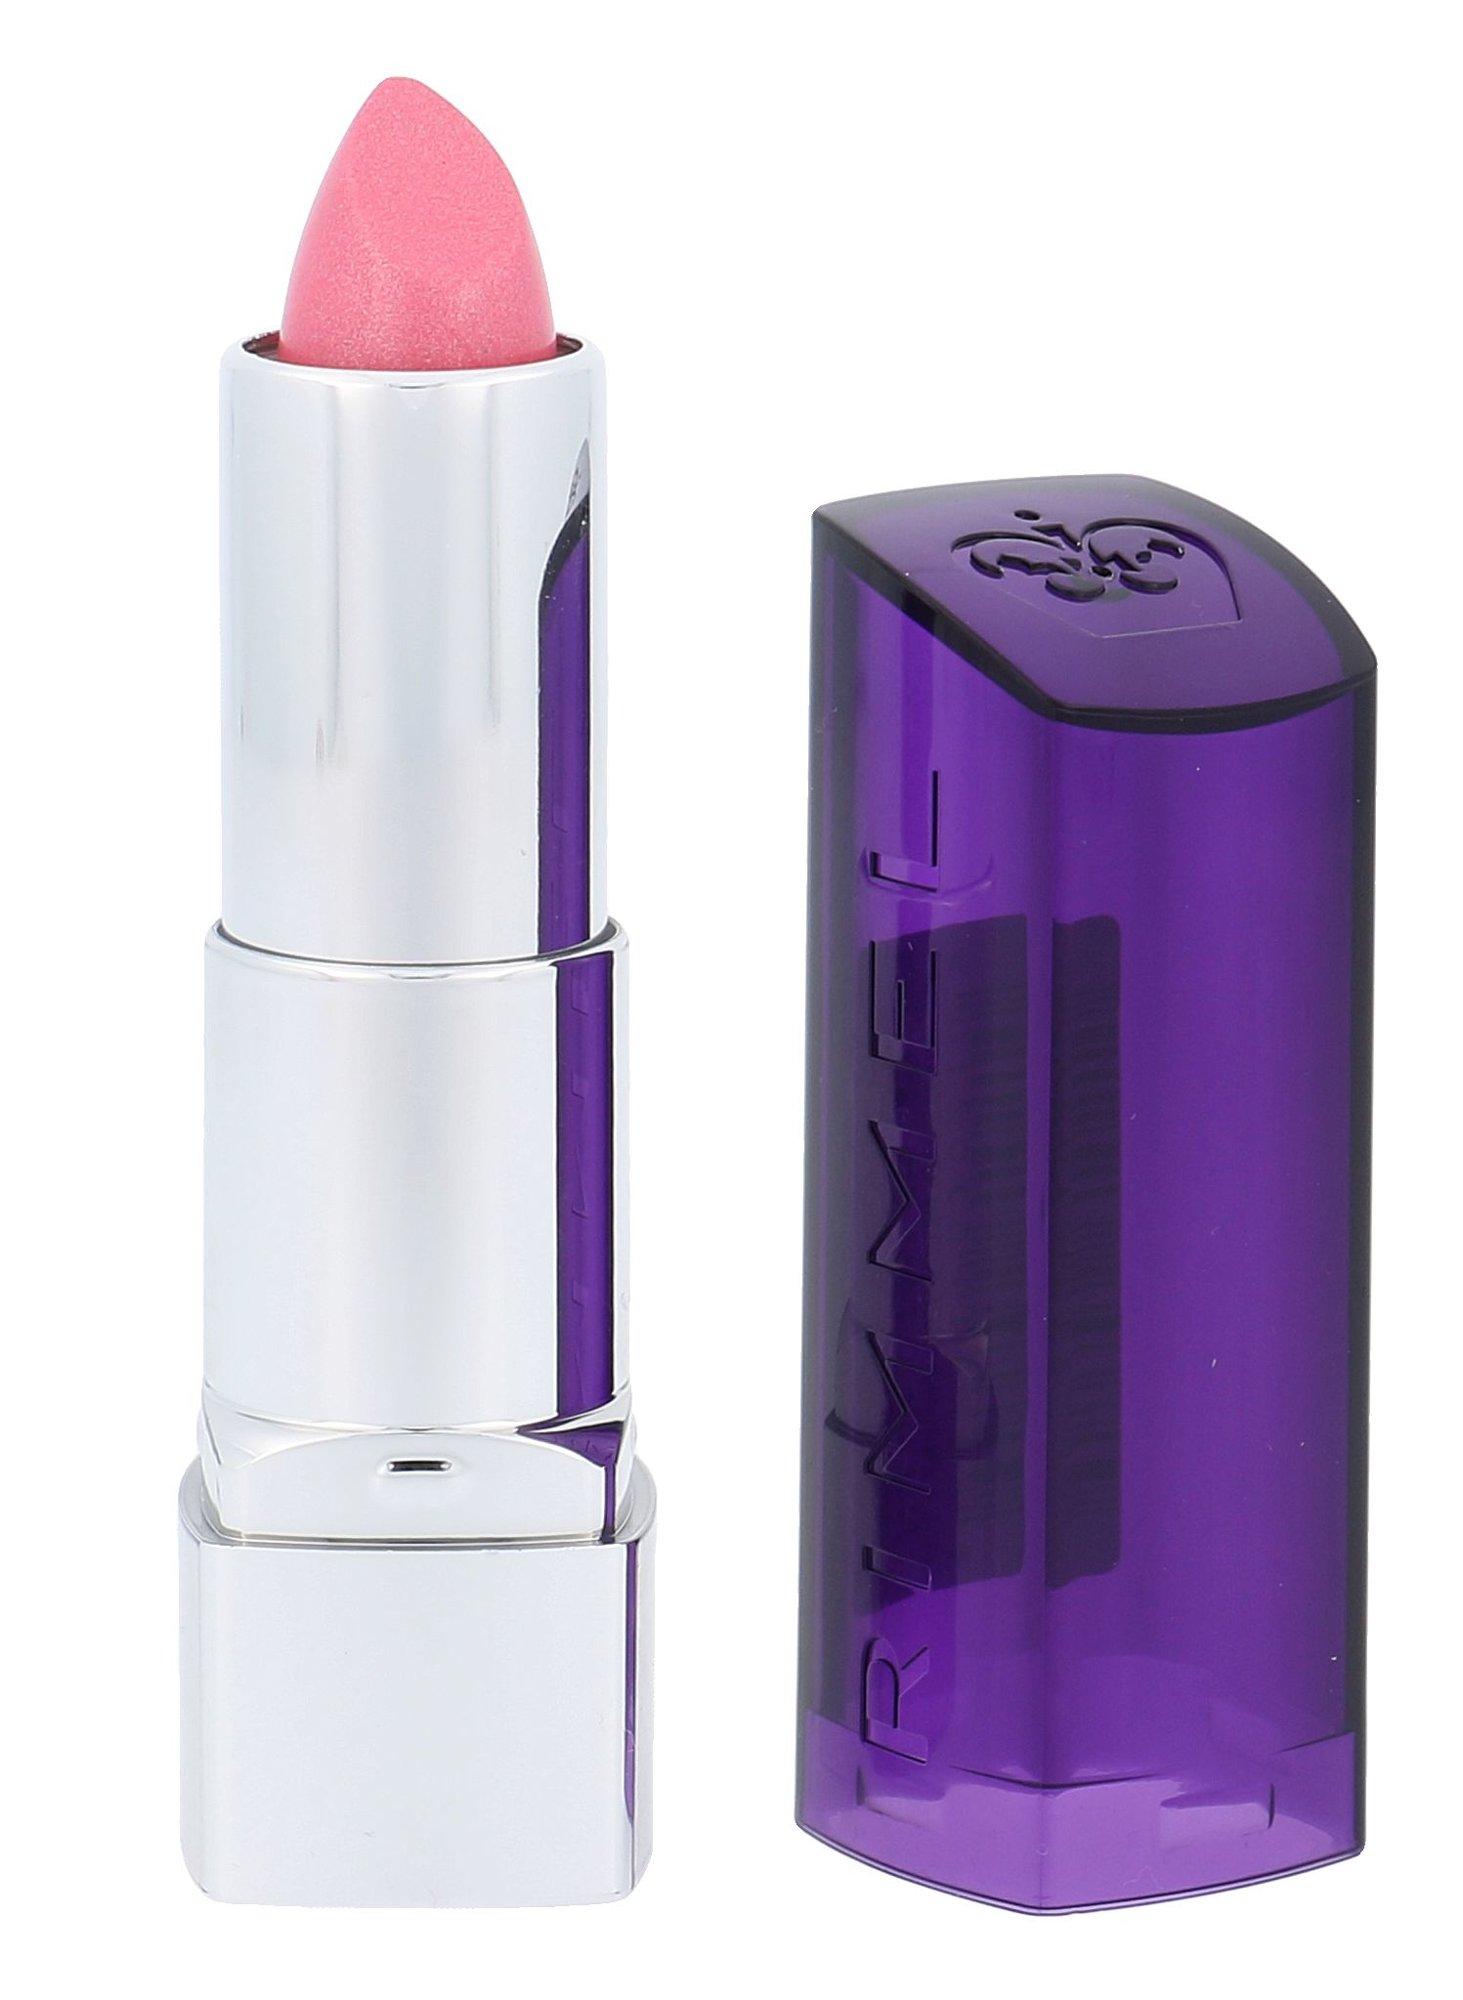 Rimmel London Moisture Renew Lipstick Cosmetic 4g 170 Ringa Ringa Roses